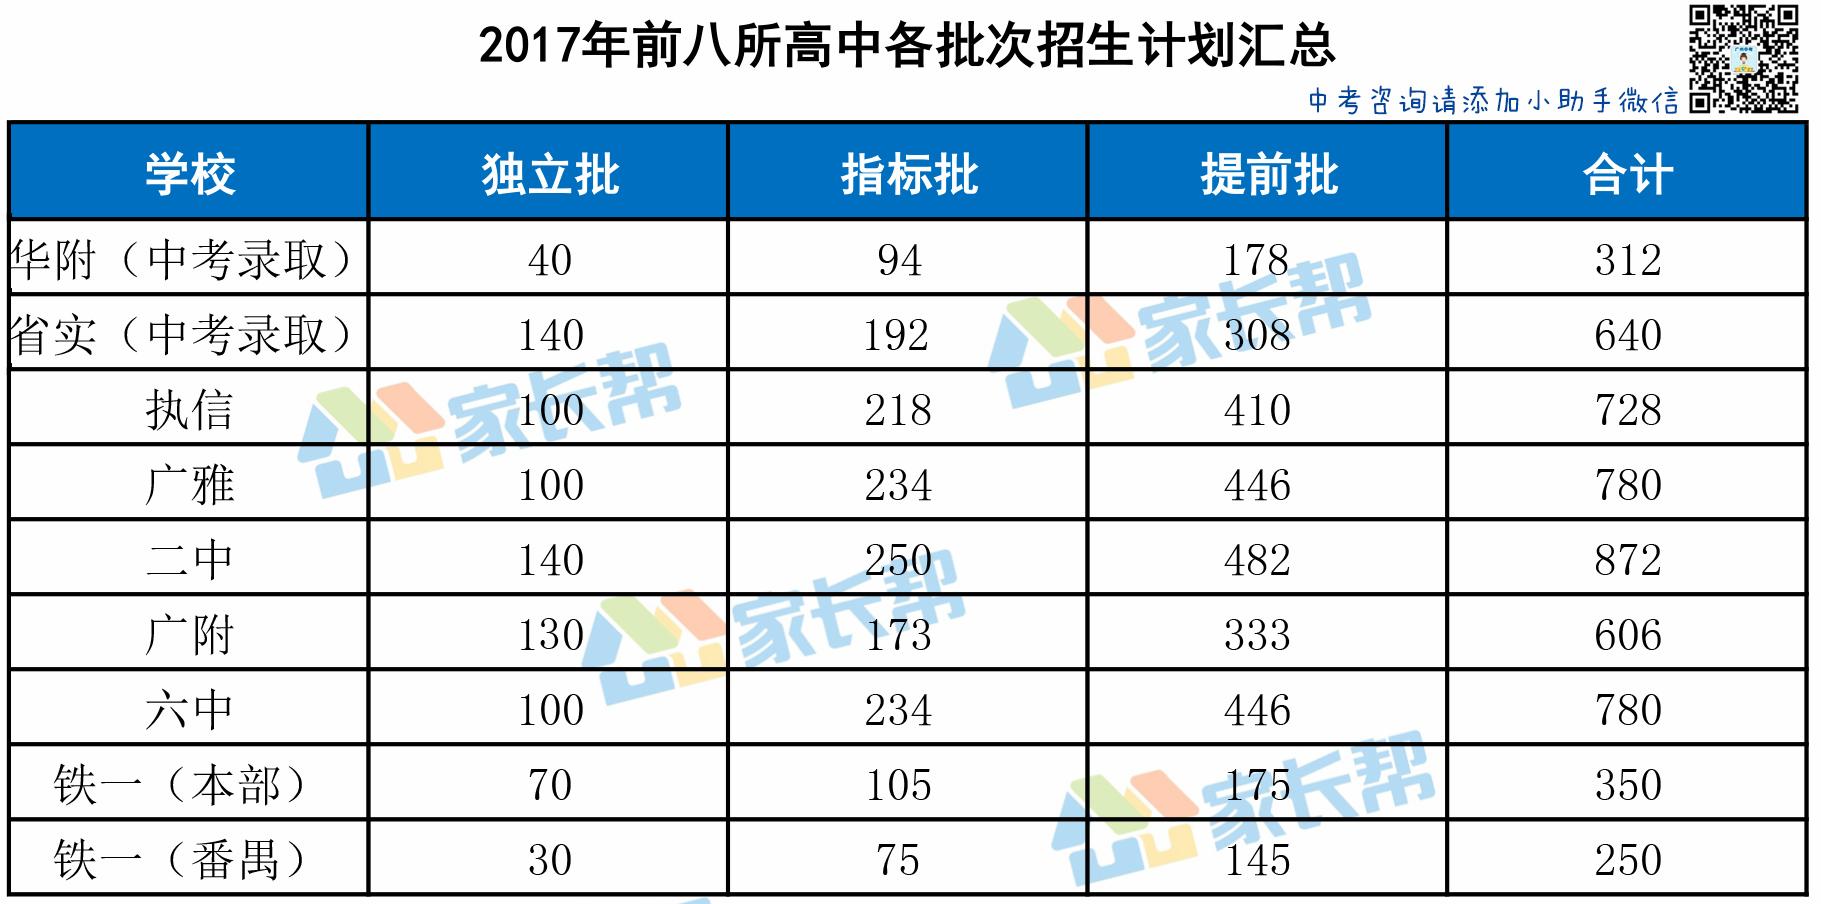 2018年广州前八所高中各批次招生计划抢先看